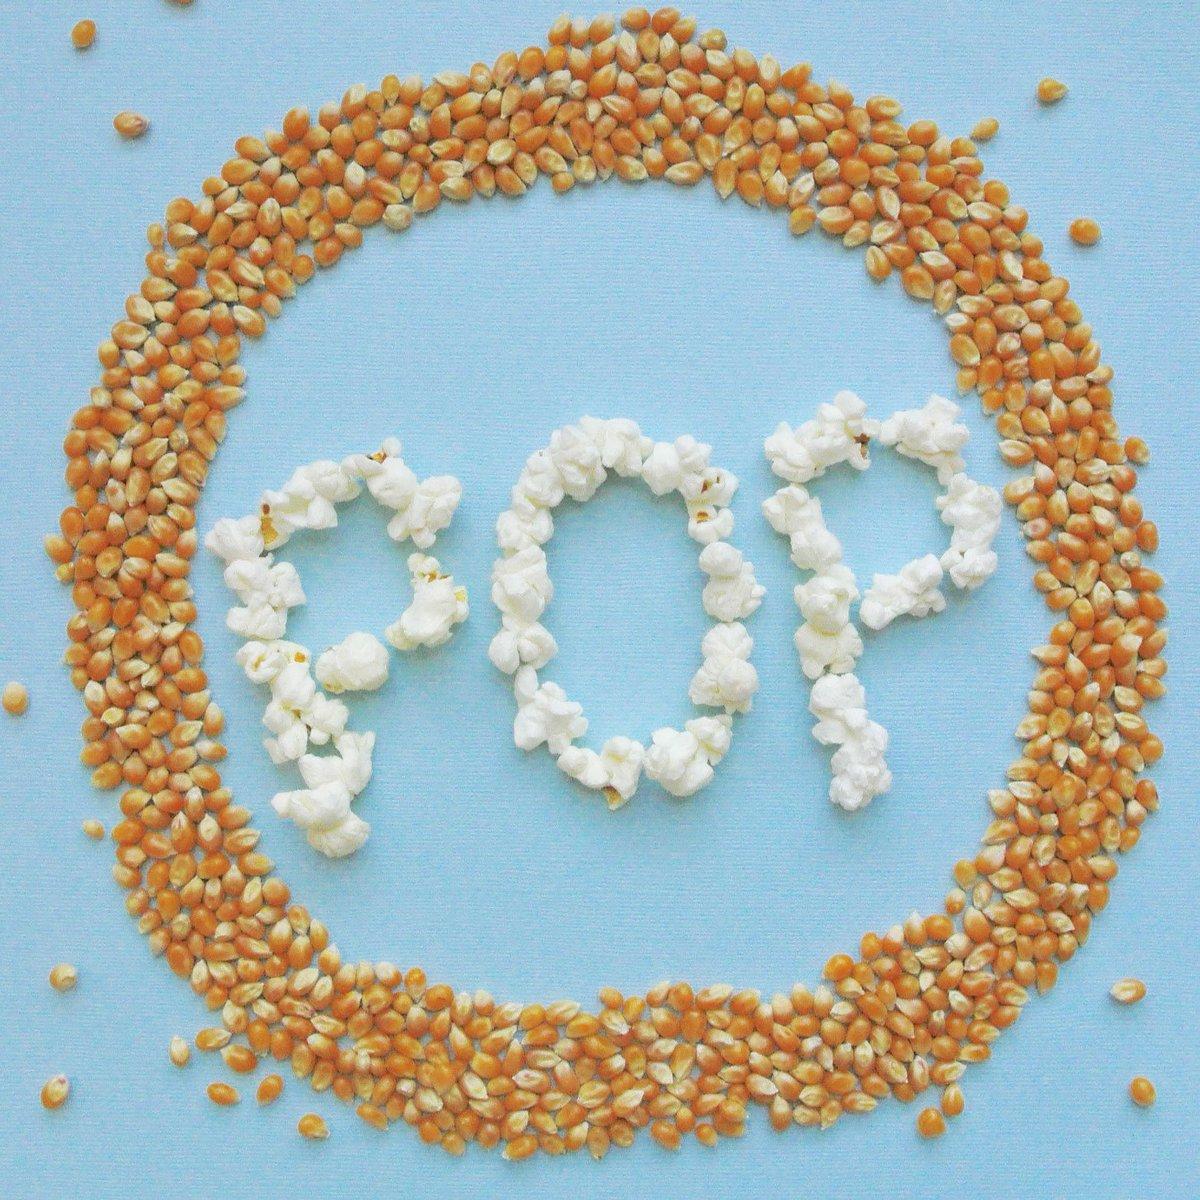 Kernels Popcorn on Twitter: